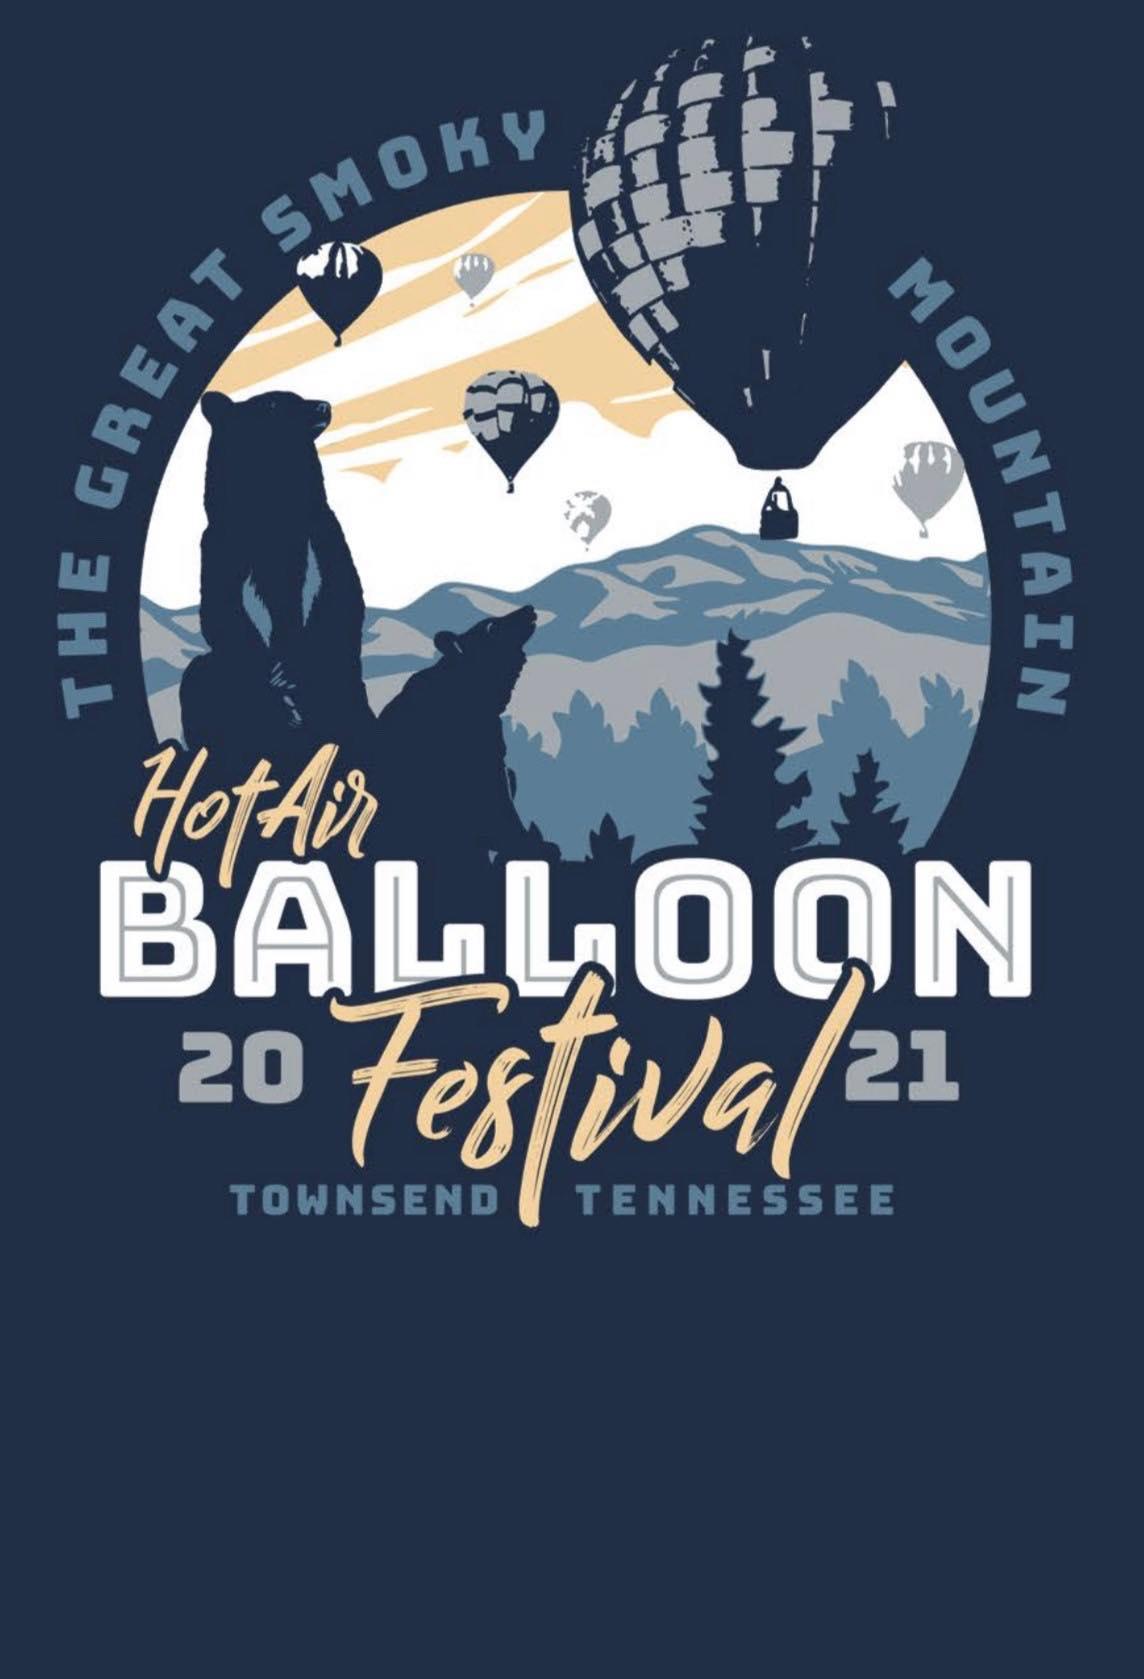 GSM Balloon Festival